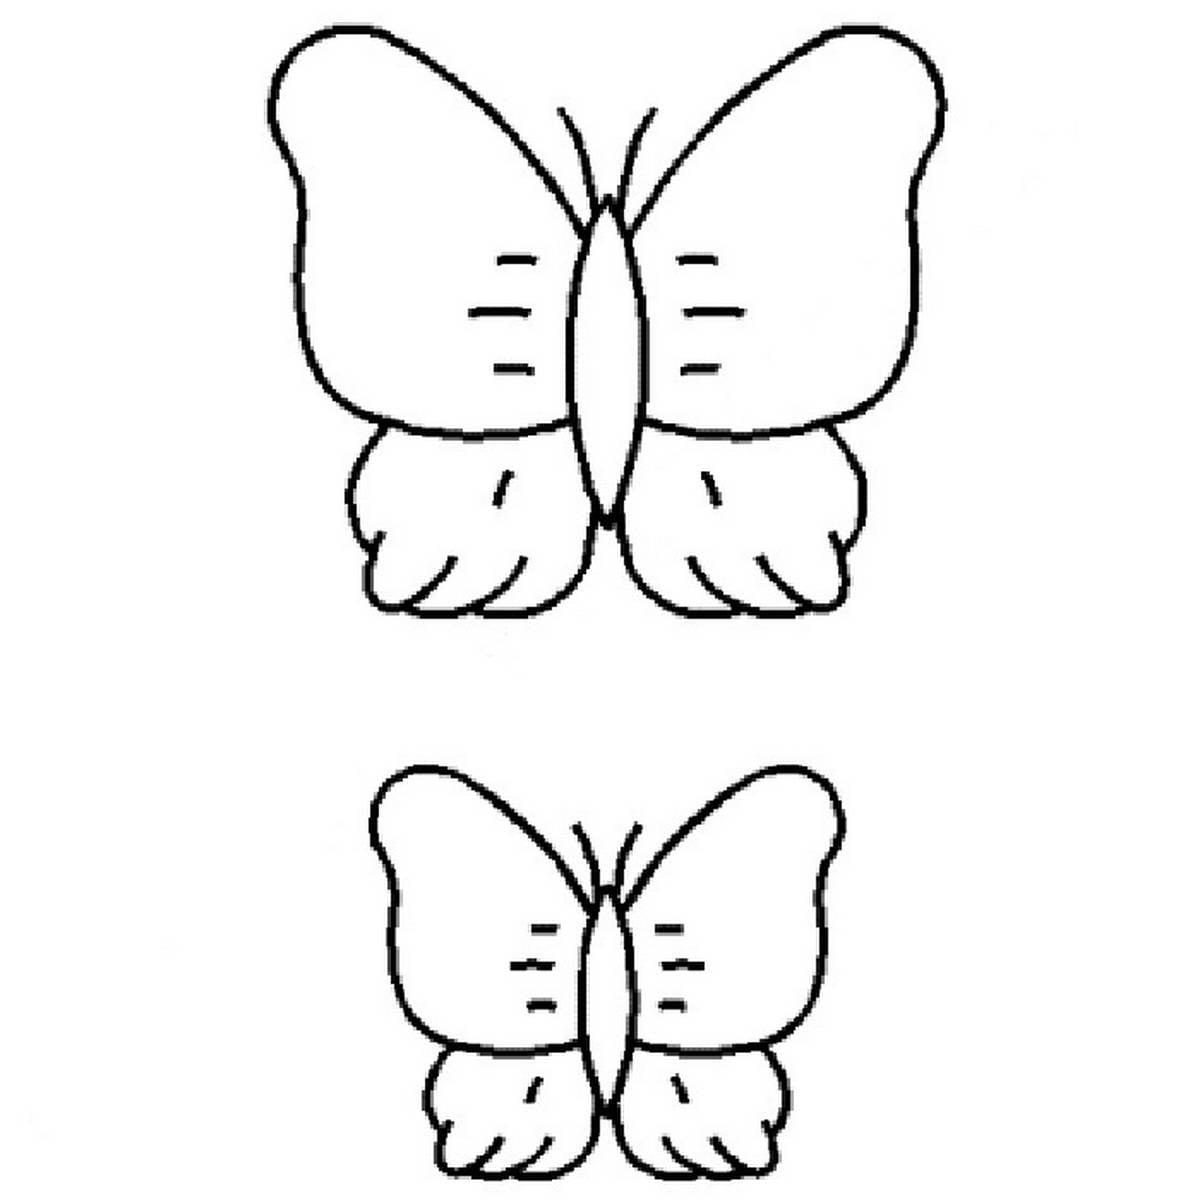 Wunderbar Schmetterlings Schablone Bilder - FORTSETZUNG ARBEITSBLATT ...